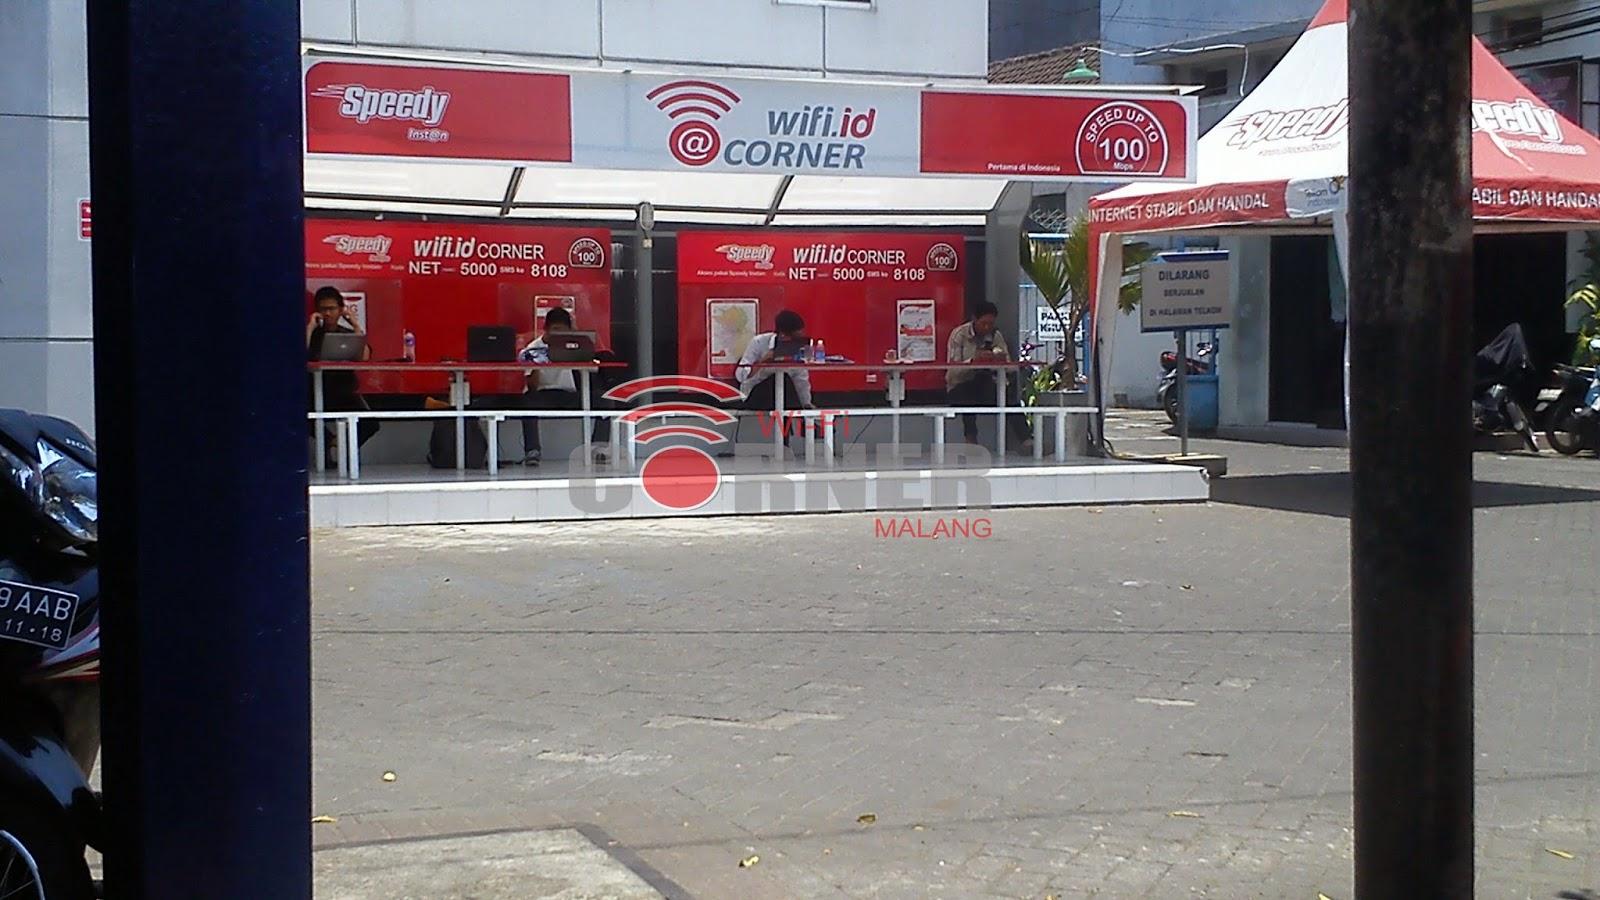 Jual Voucher Wifi Id Telkom Welcome To Starbox Puluhan Anak Muda Padati Corner Basuki Rahmad Malang